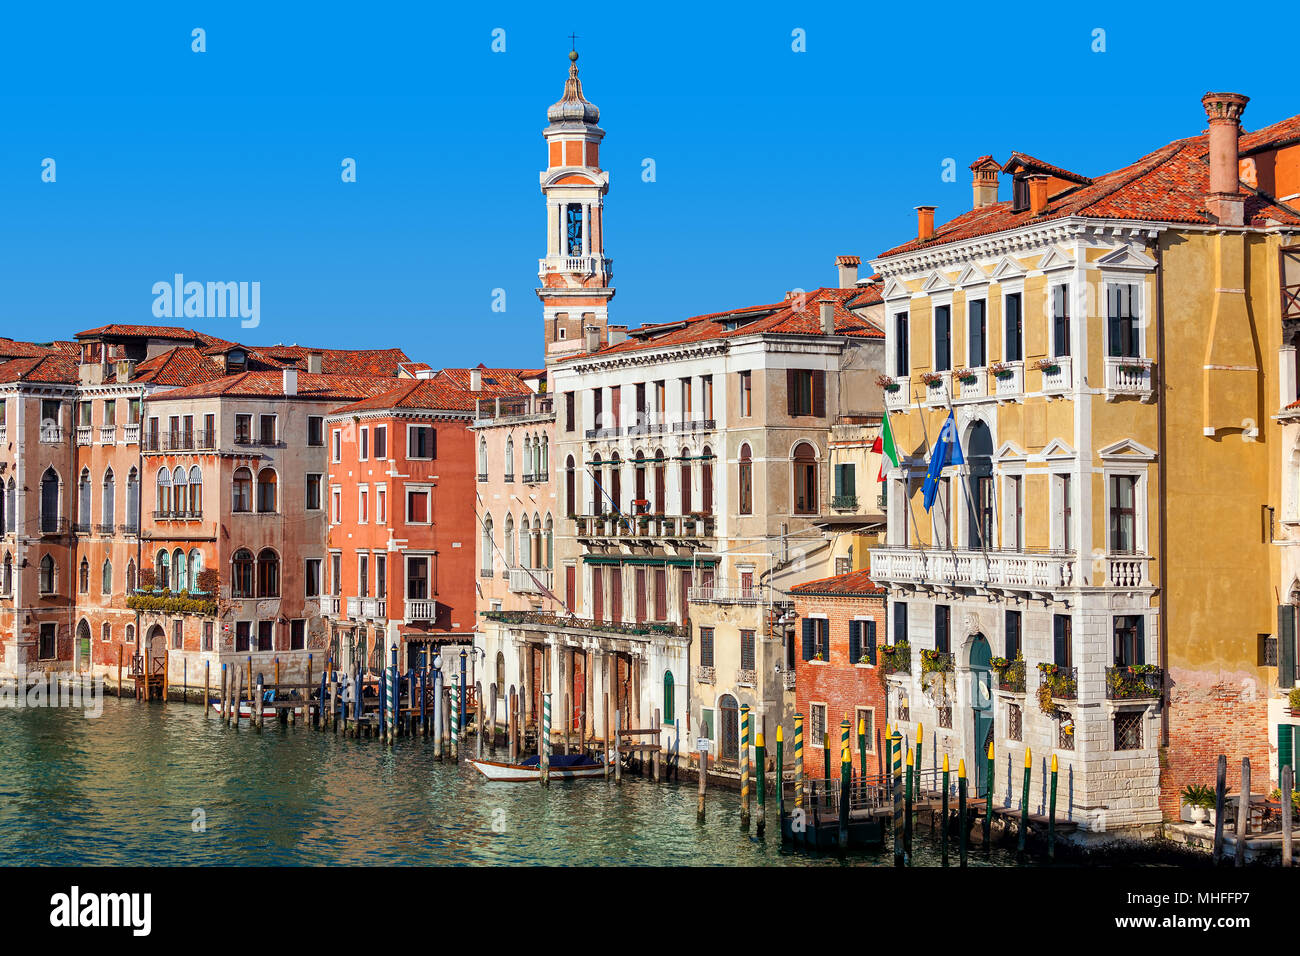 Vista de los coloridos edificios a lo largo de Grand Canal bajo un cielo azul en Venecia, Italia. Imagen De Stock